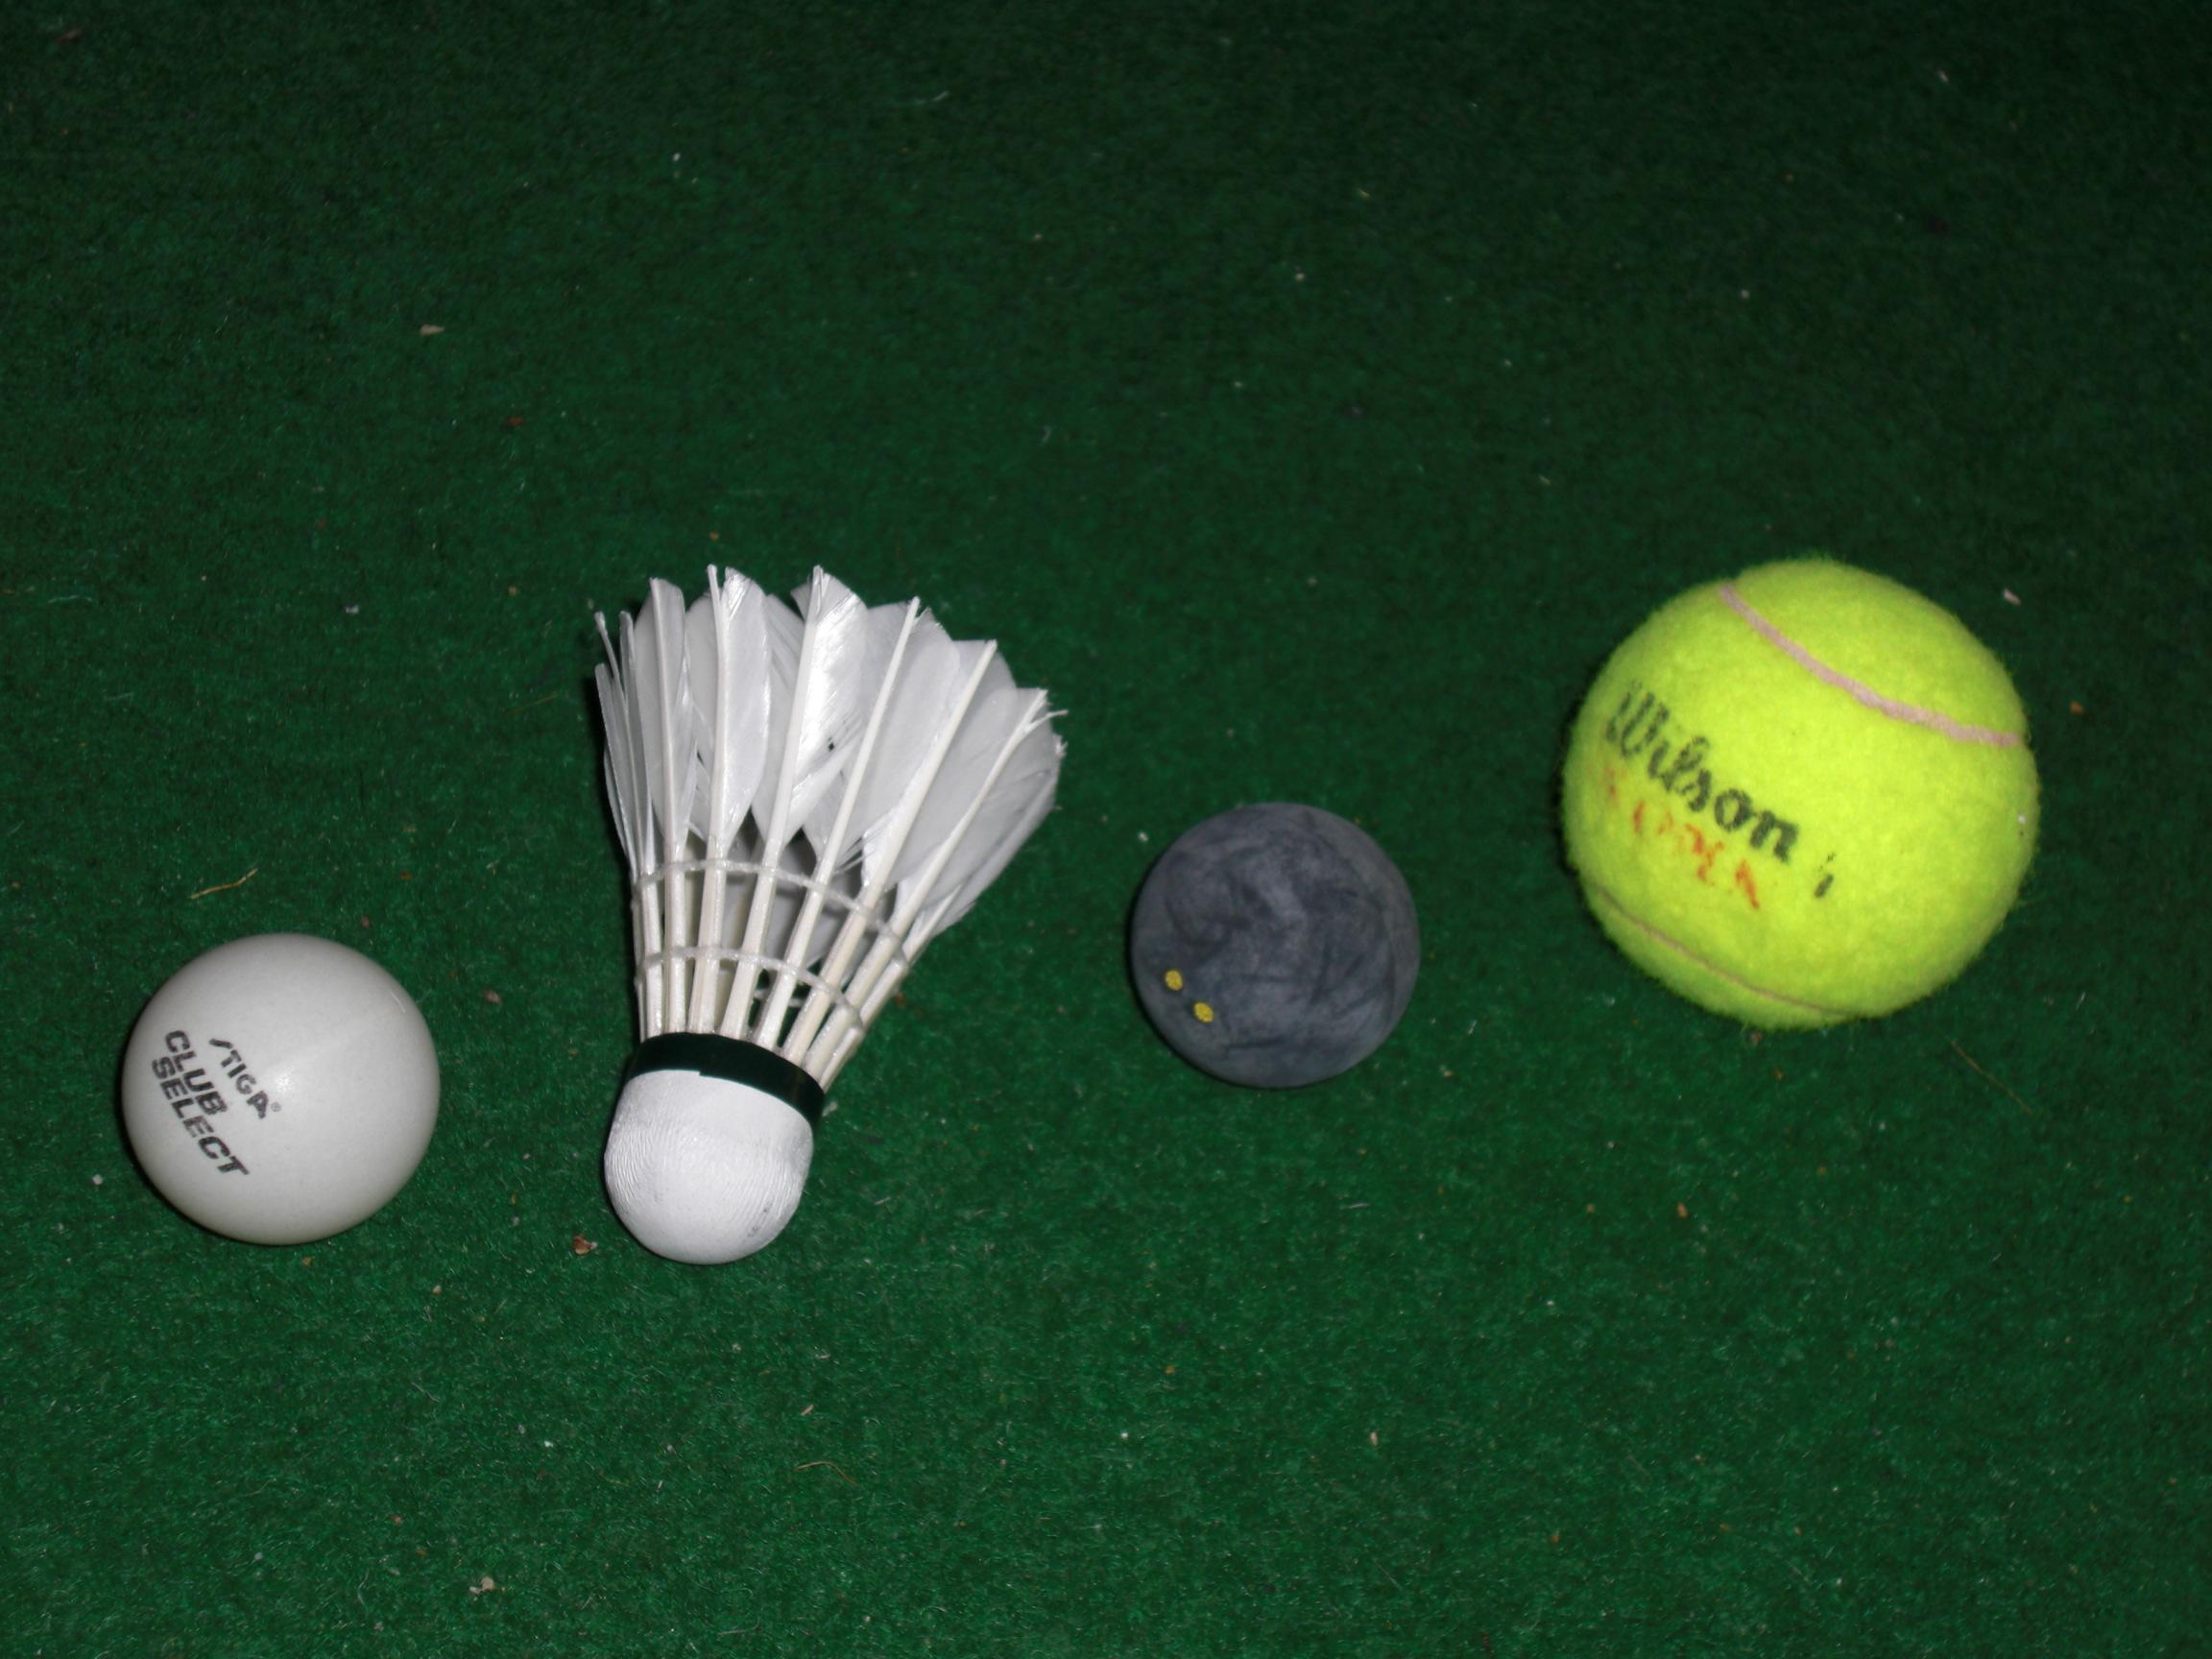 Spielstrategien im Badminton, auch für den Hobbyspieler